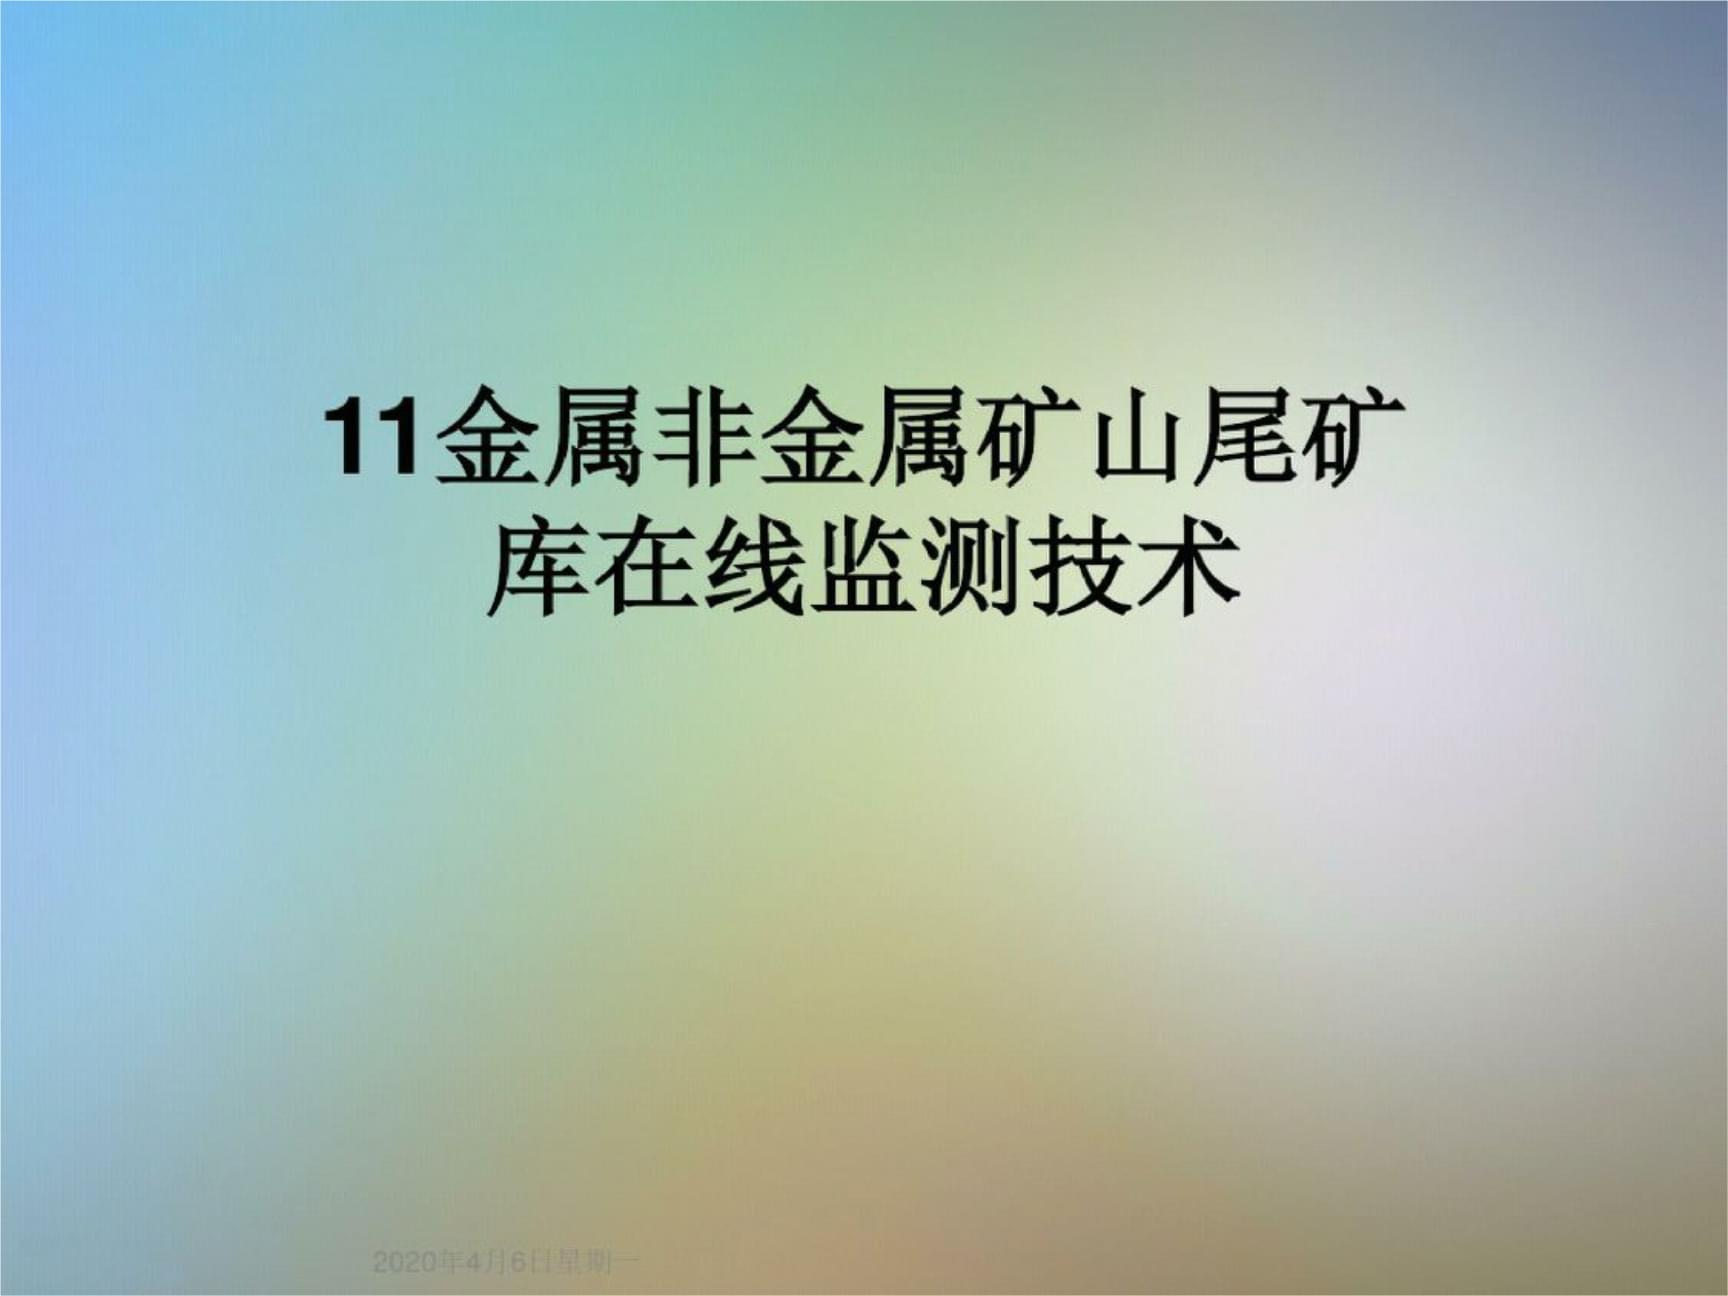 11金属非金属矿山尾矿库在线监测技术-完整版.pptx